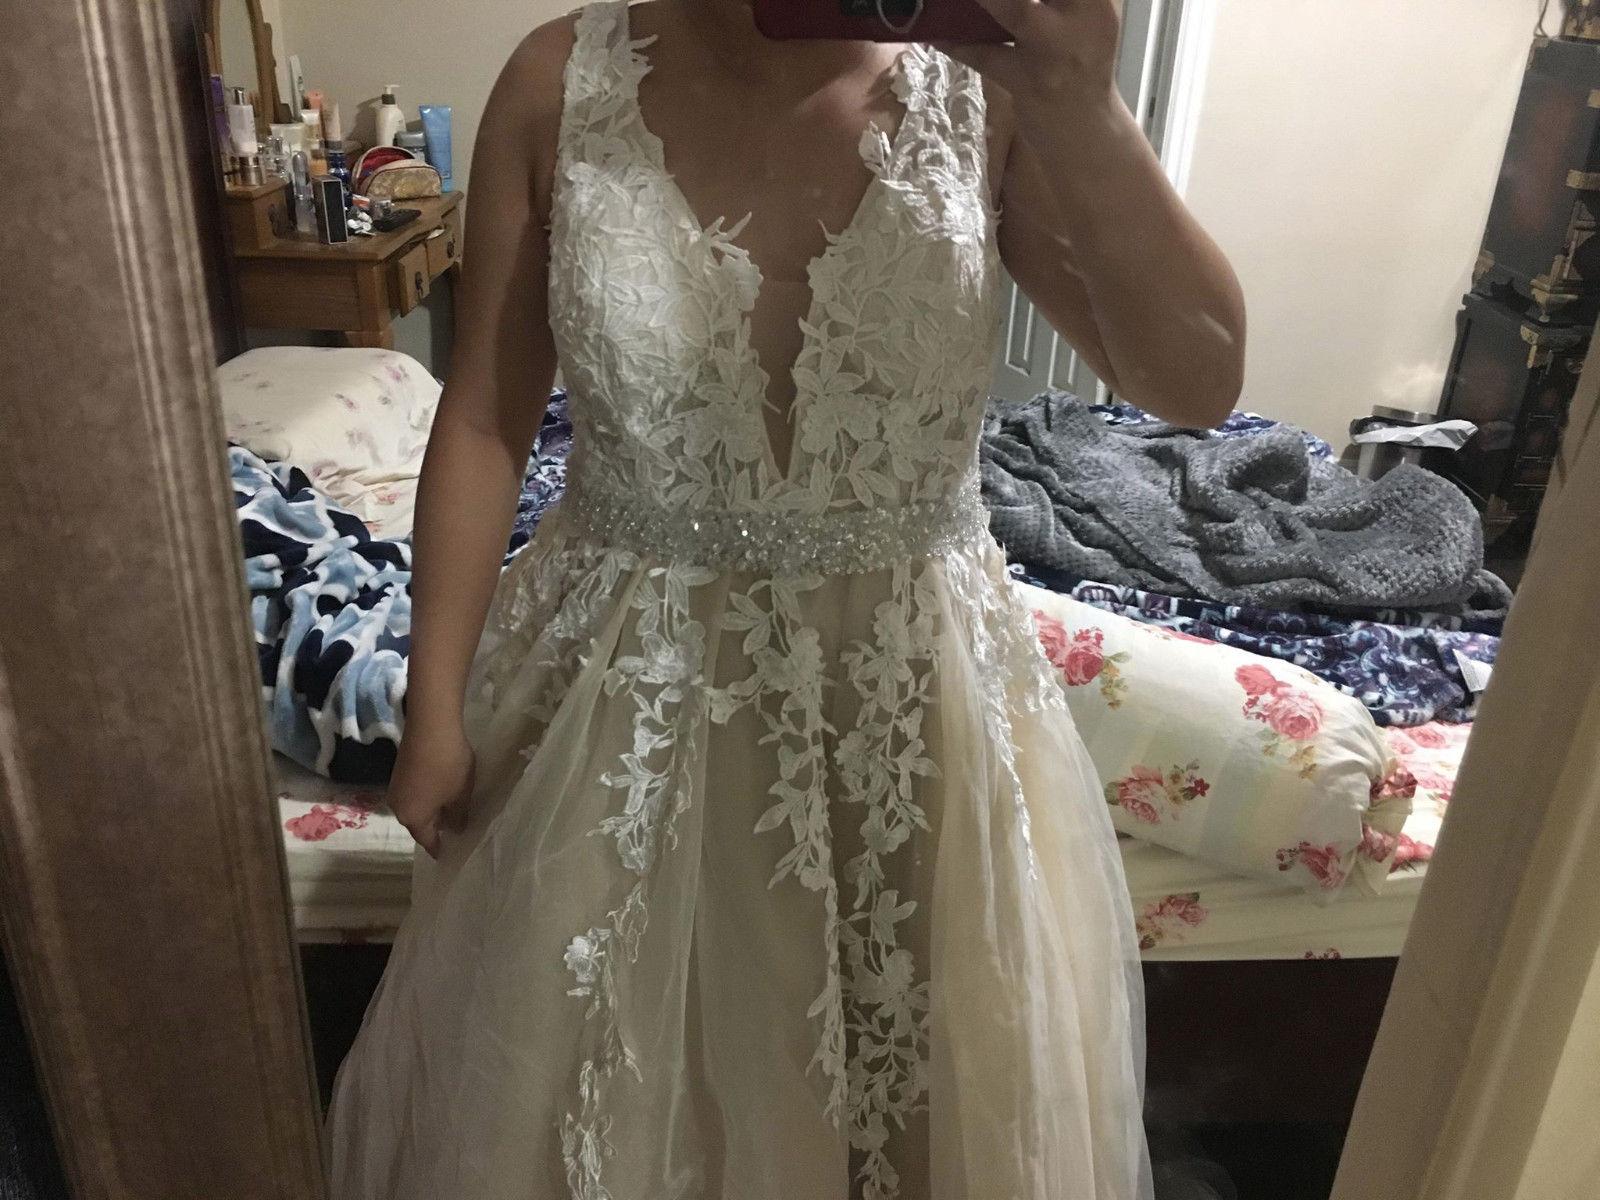 Beige Elegant V Neck Bridesmaid Dress: Awesome Never Worn Beige Long Lace Bodice V Neck Floral